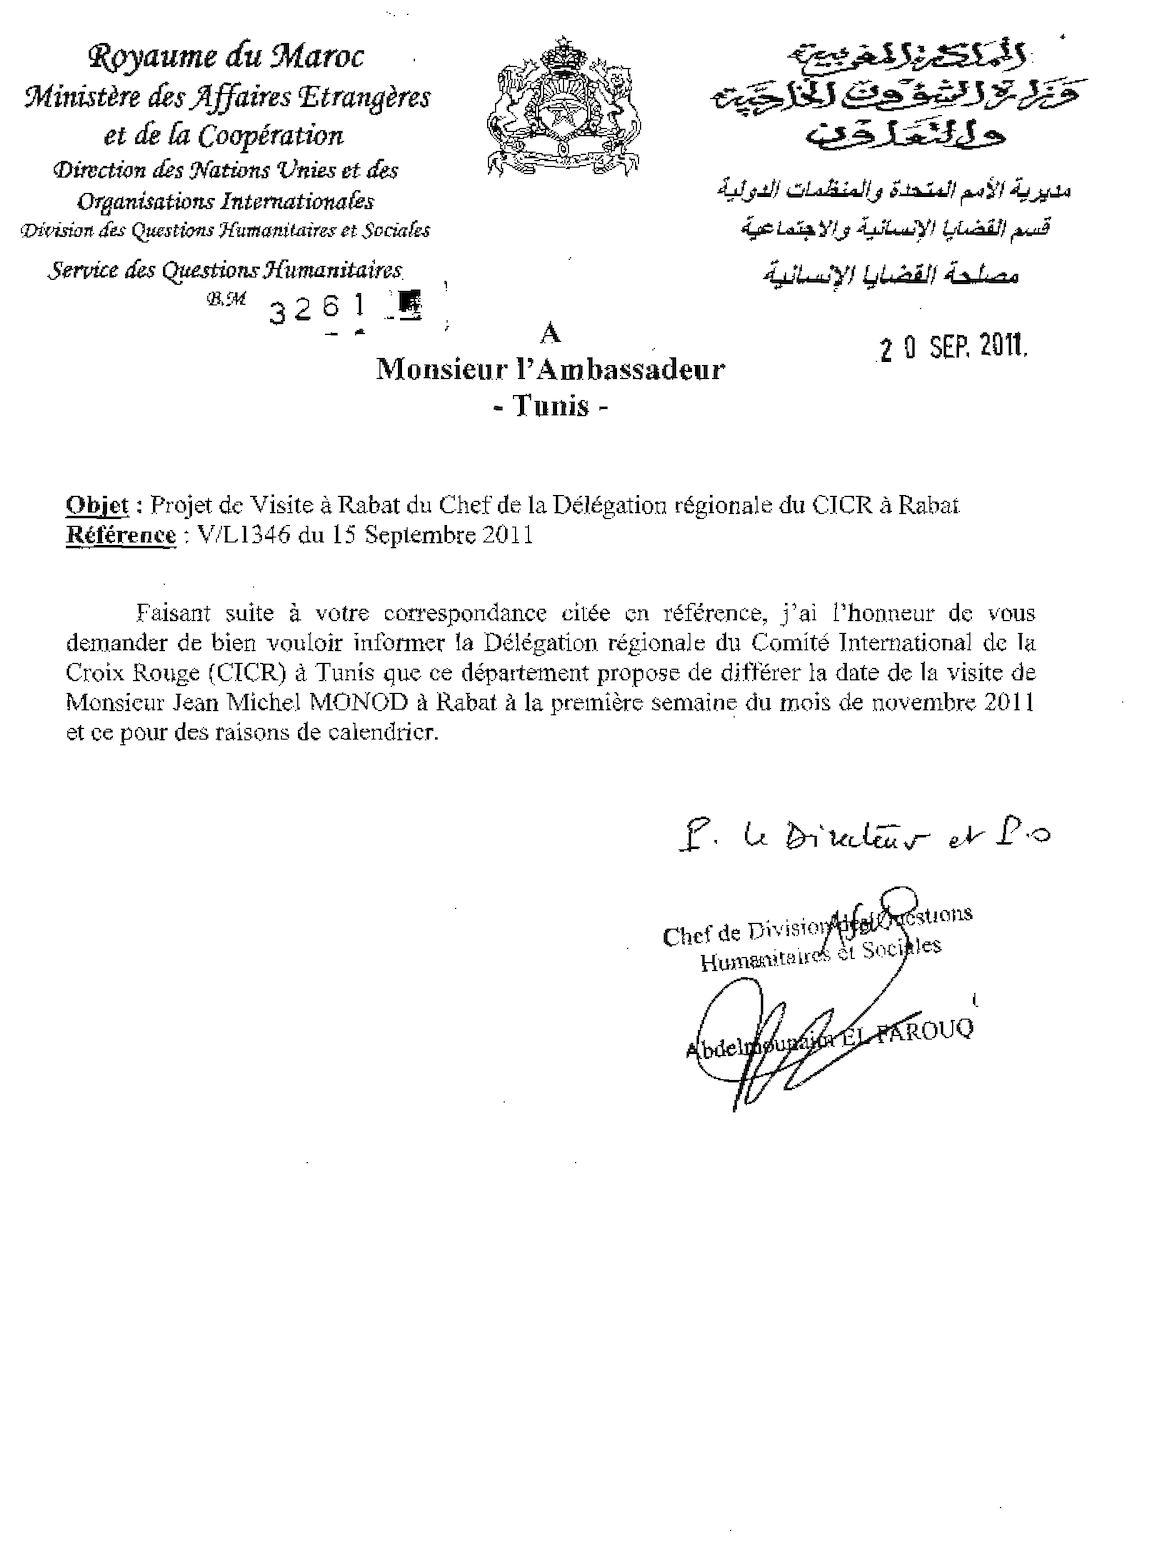 3261 Tunis